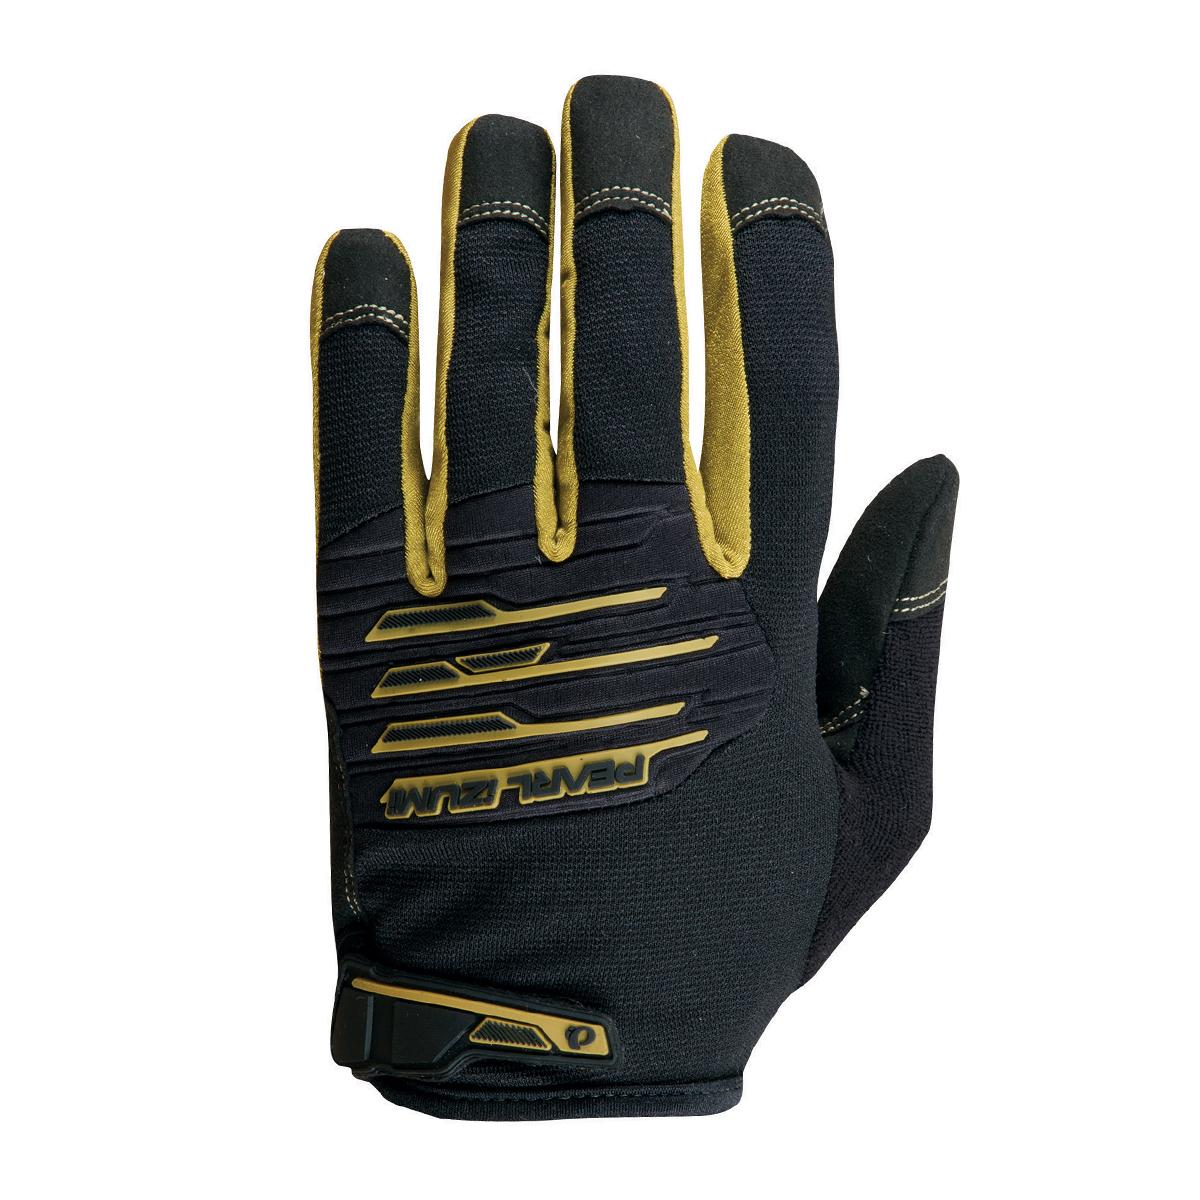 141415034NTS Pearl Izumi Summit Glove